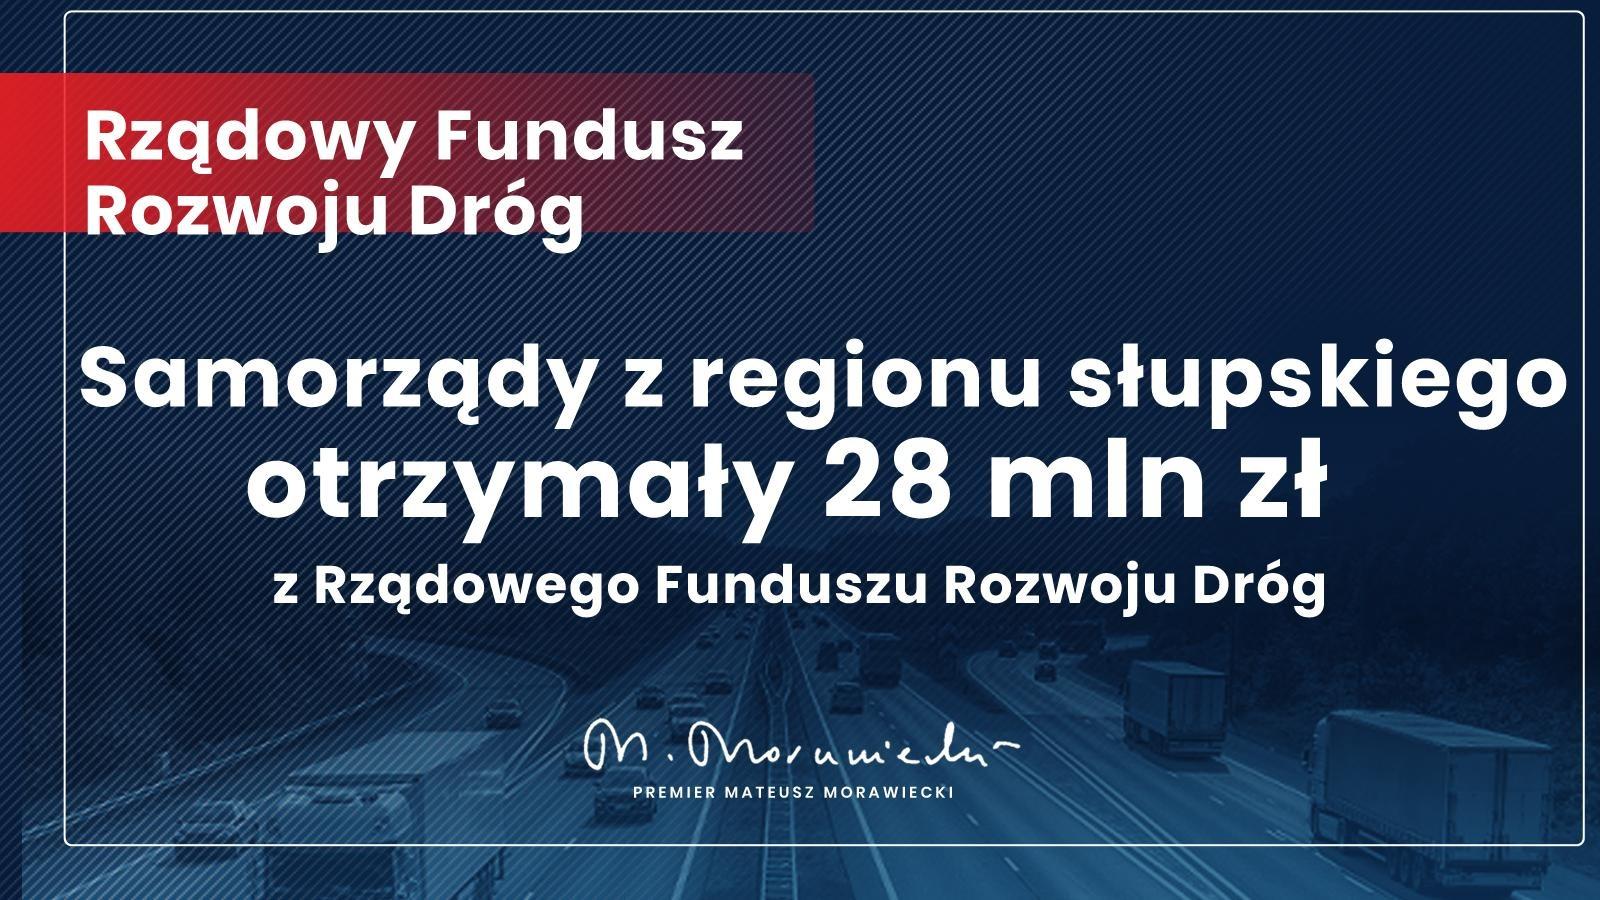 Rząd Prawa i Sprawiedliwości wspiera remonty i budowy nowych dróg w gminach i powiatach dzięki Rządowemu Funduszowi Rozwoju Dróg.